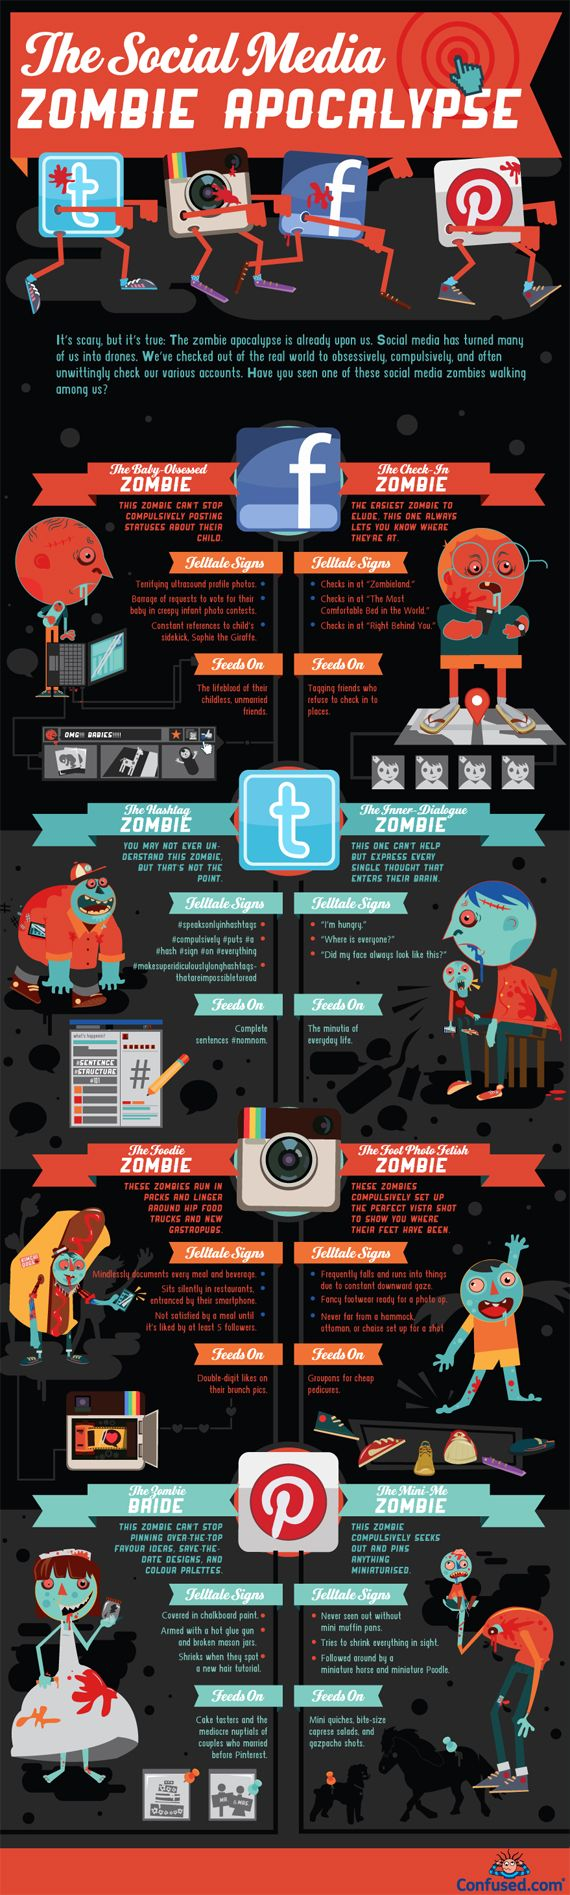 Los zombies de las Redes Sociales #infografia #infographic #socialmedia